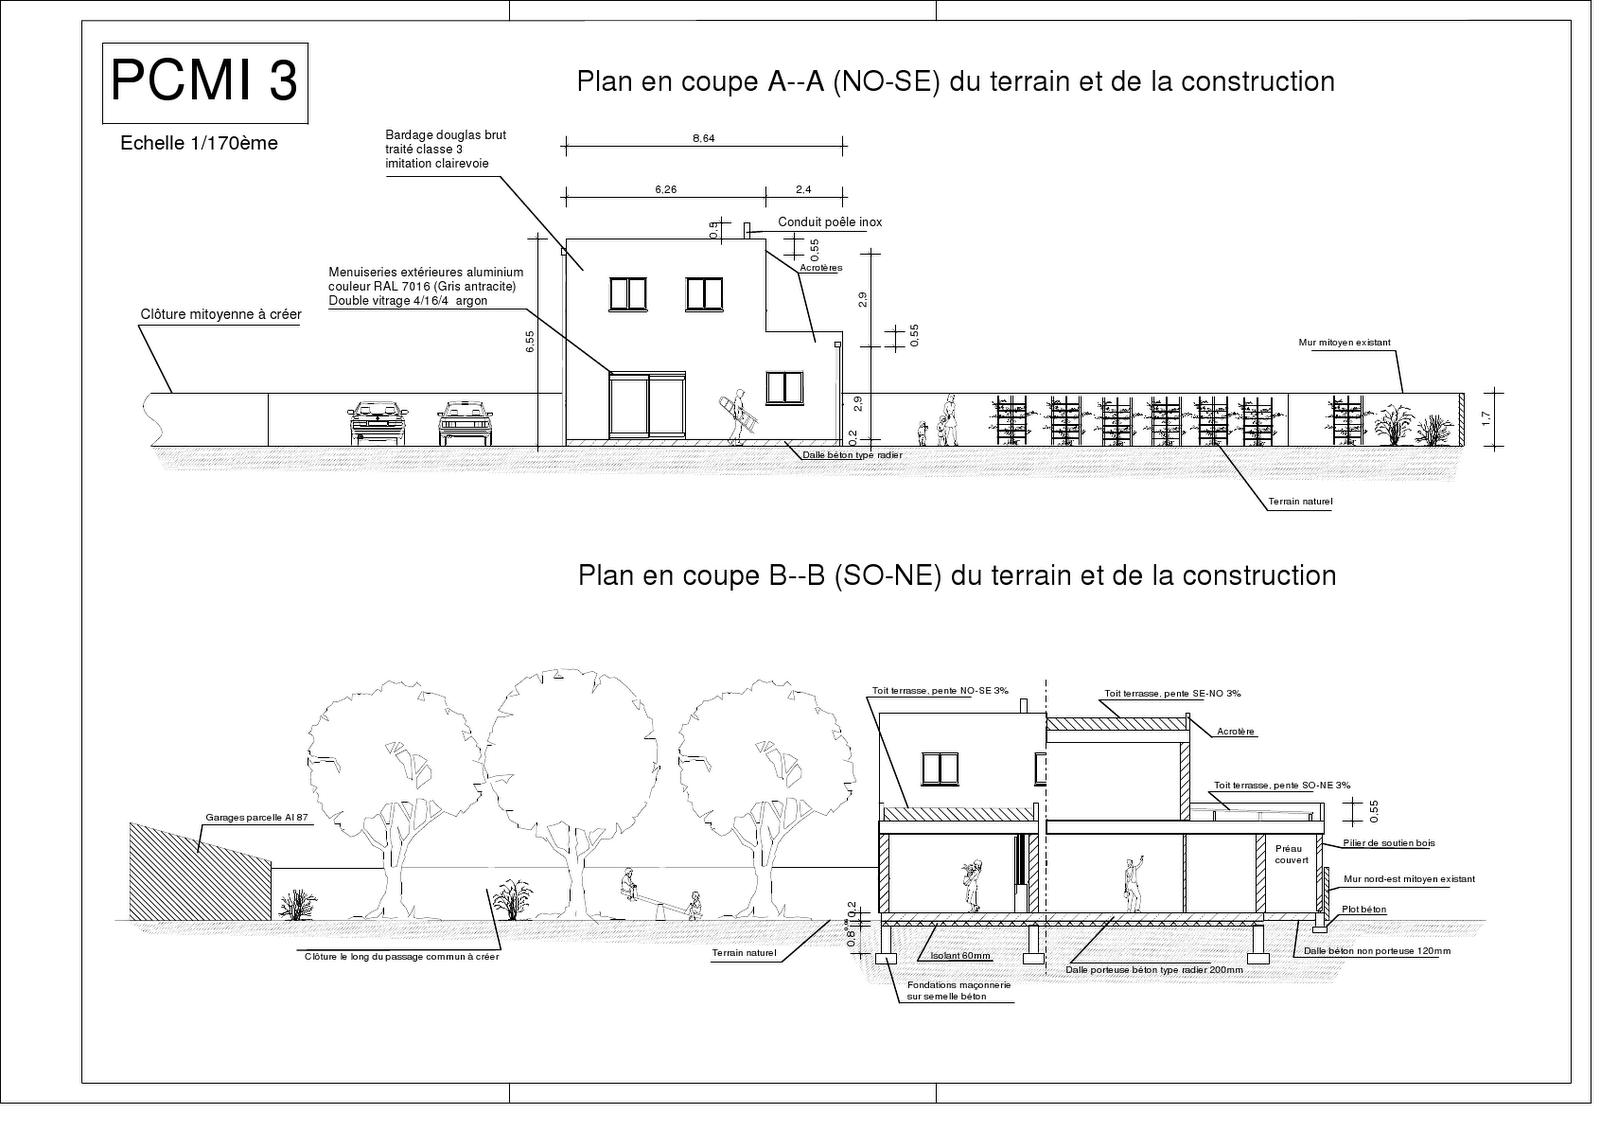 Une maison en bois le permis de construire - Plan en coupe permis de construire ...